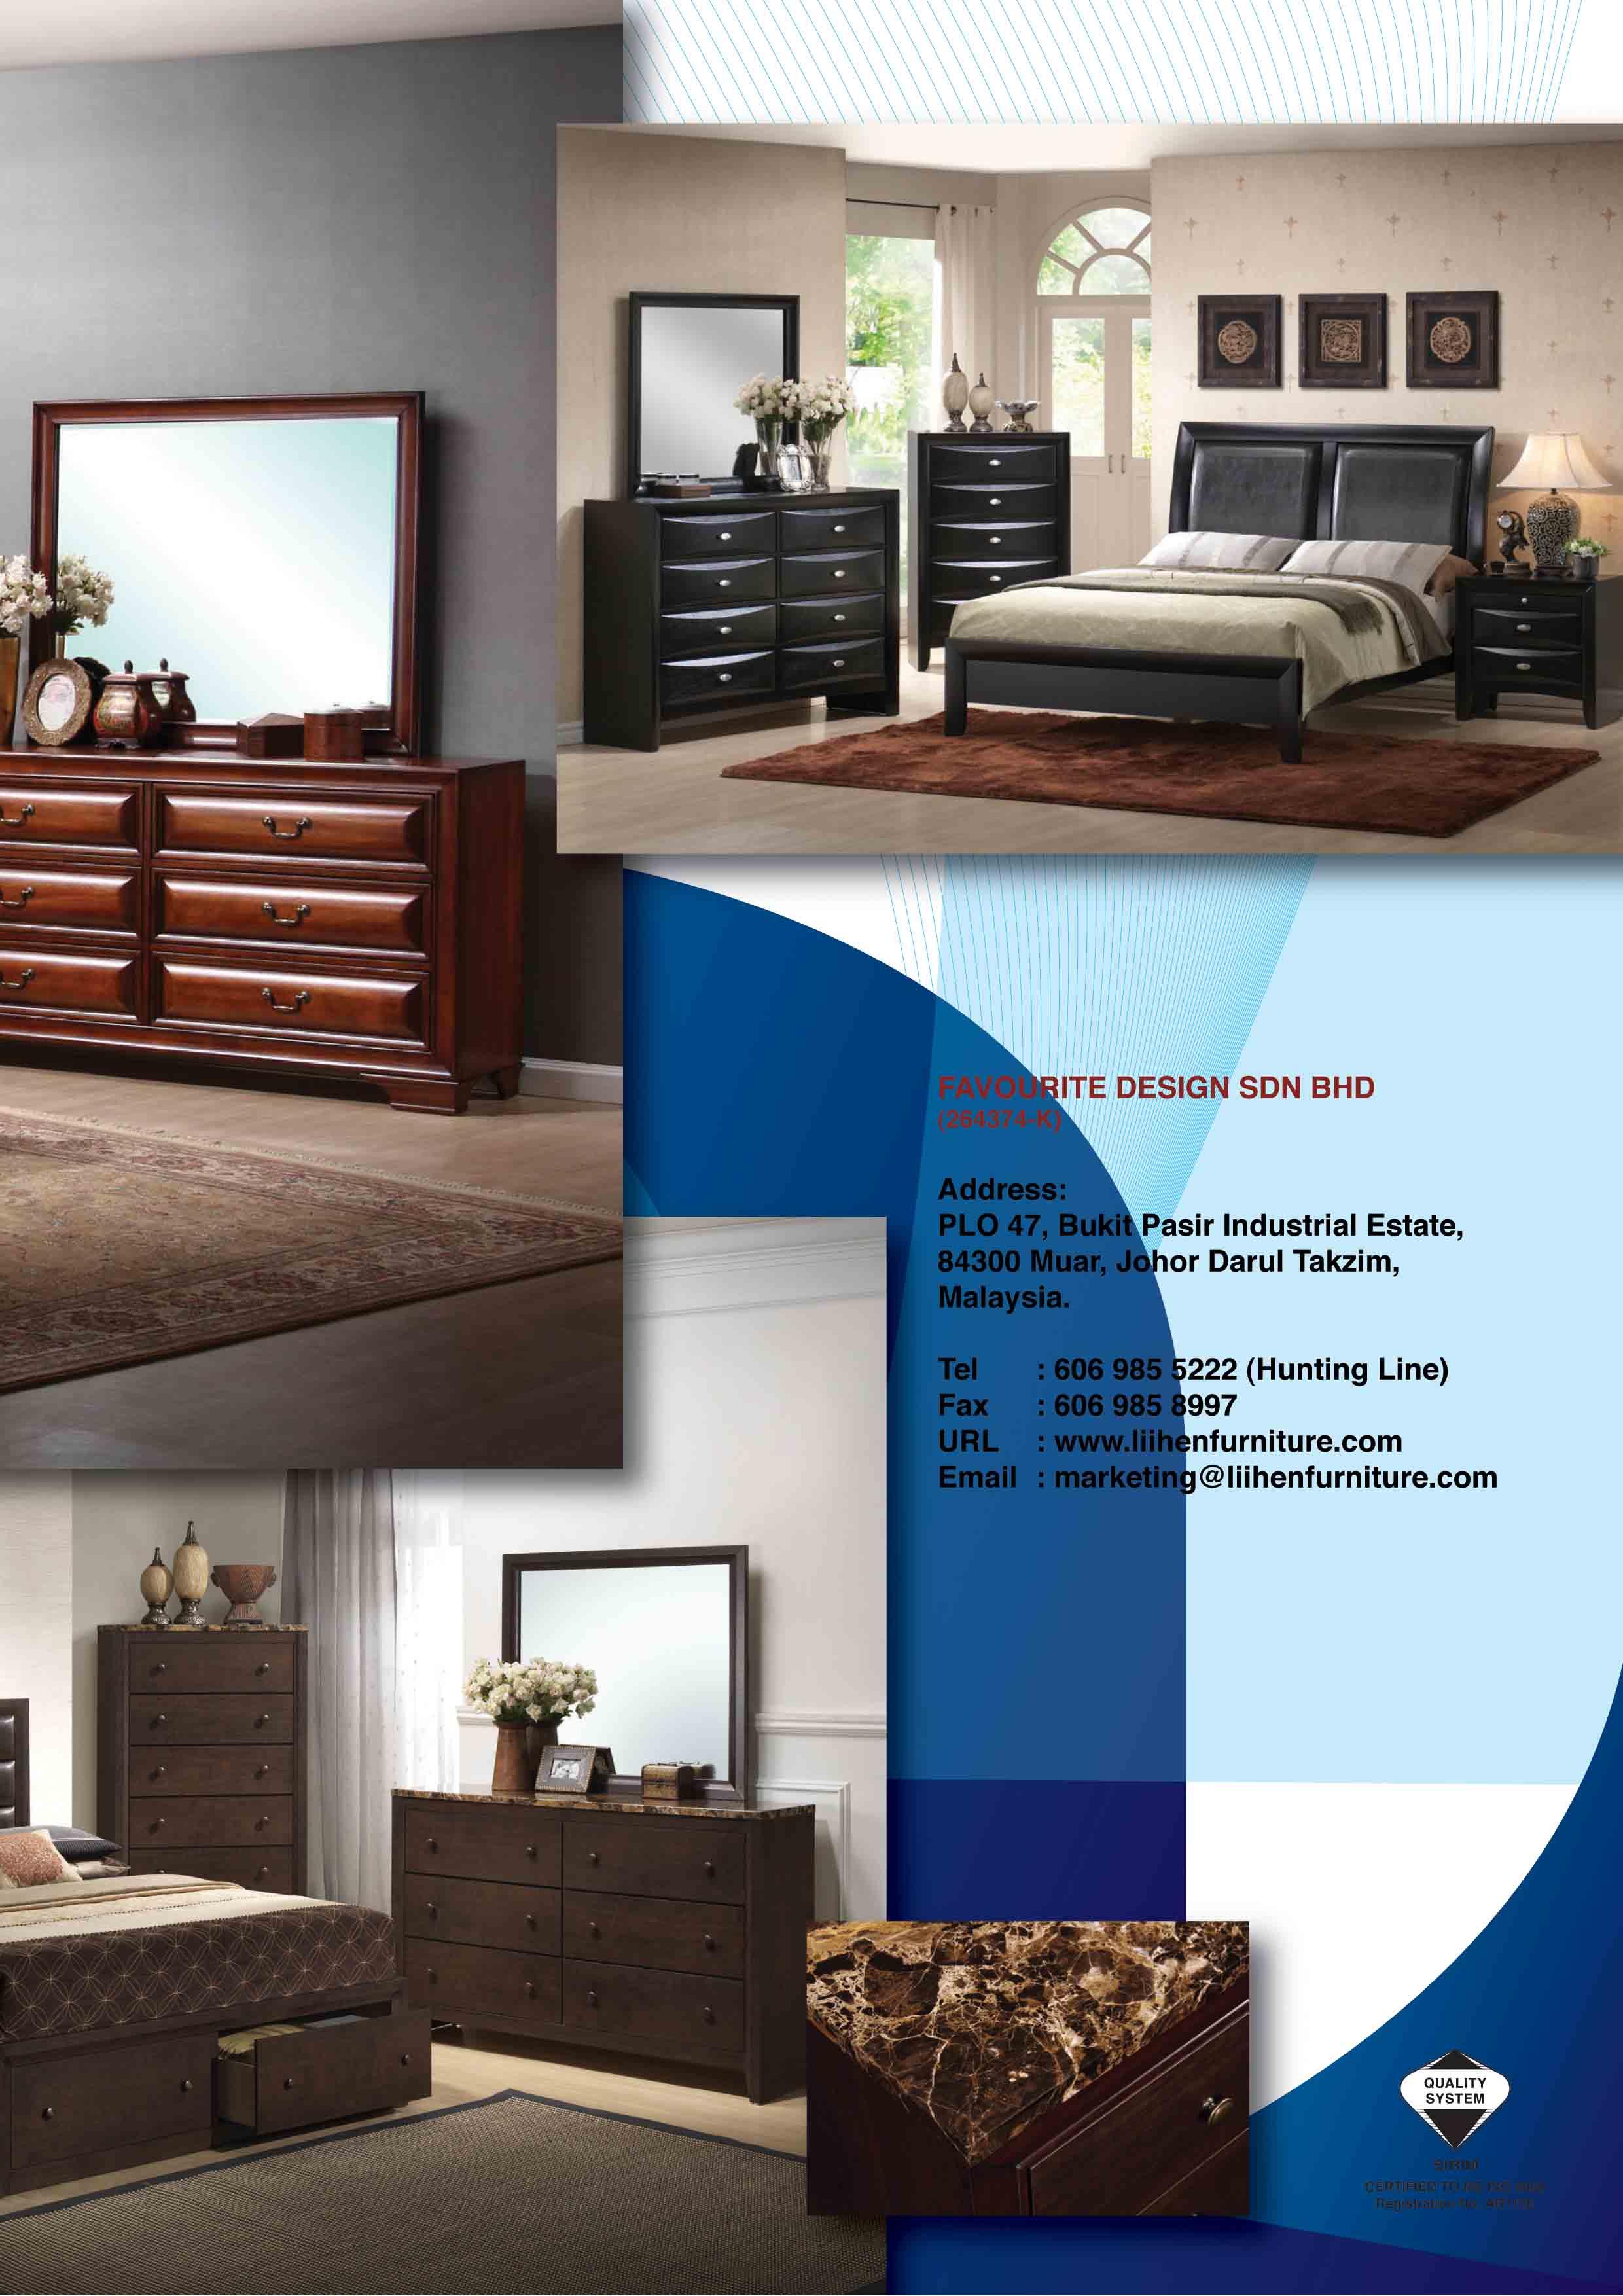 Favourite Design Sdn Bhd Co No 264374 K